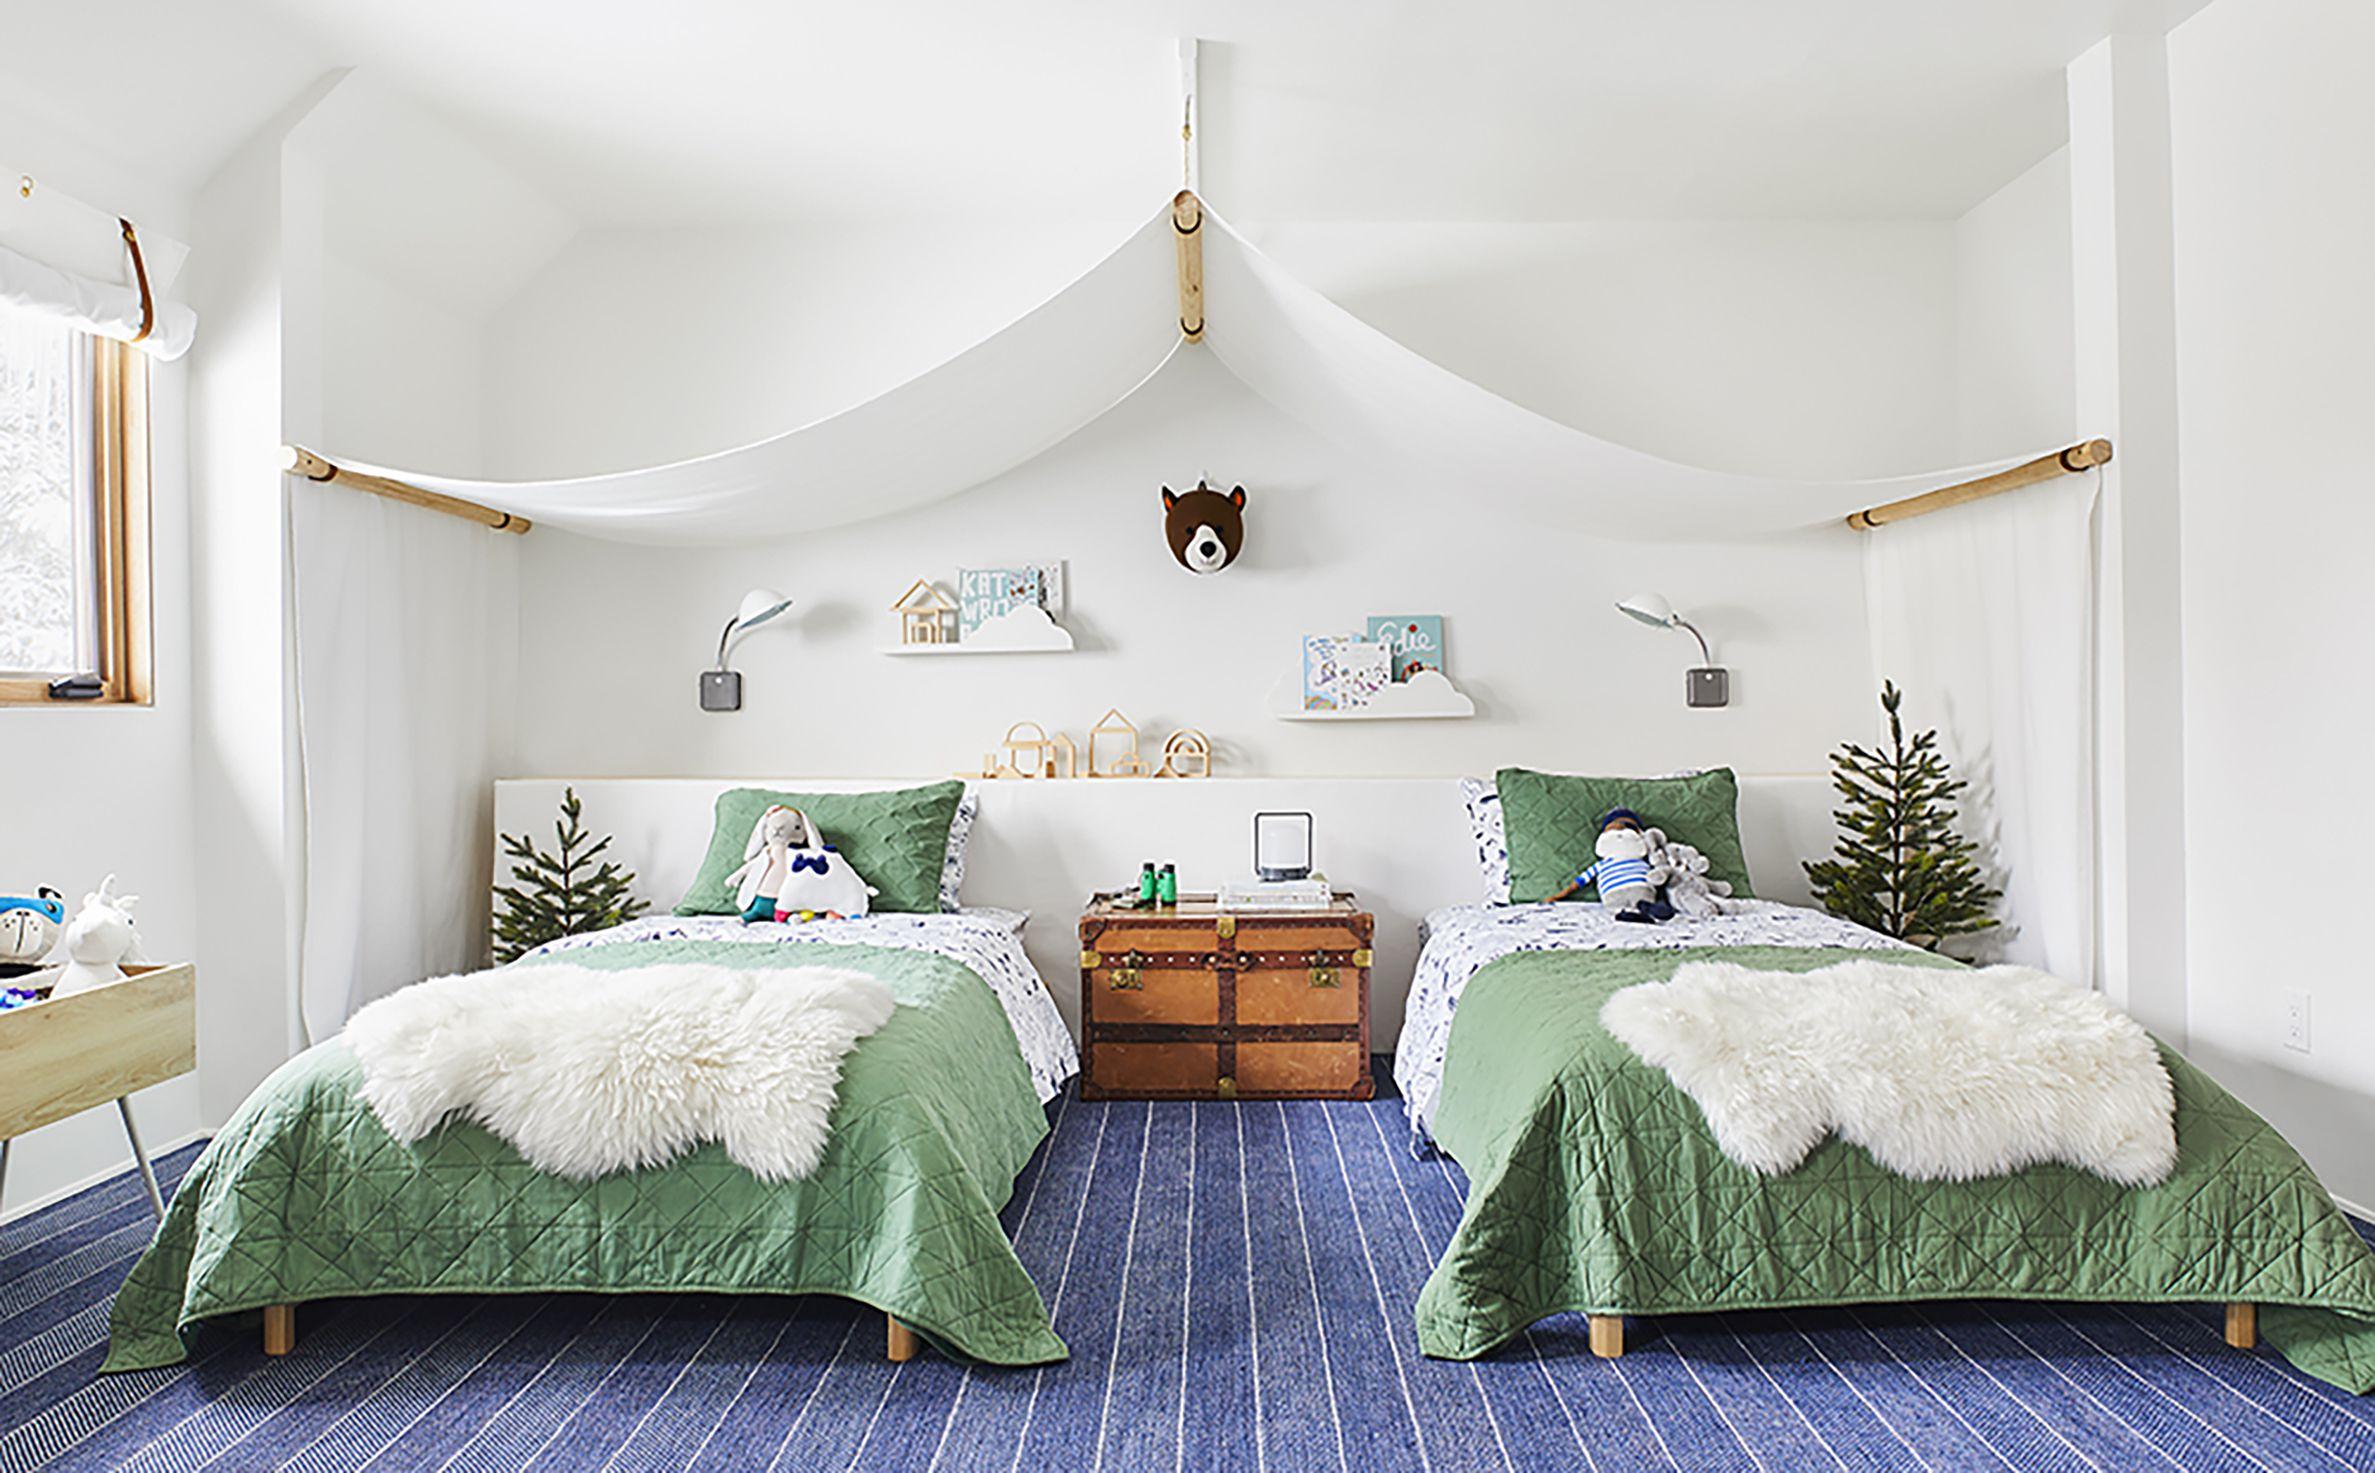 Aesthetic Bedroom Ideas Twin Bed Novocom Top